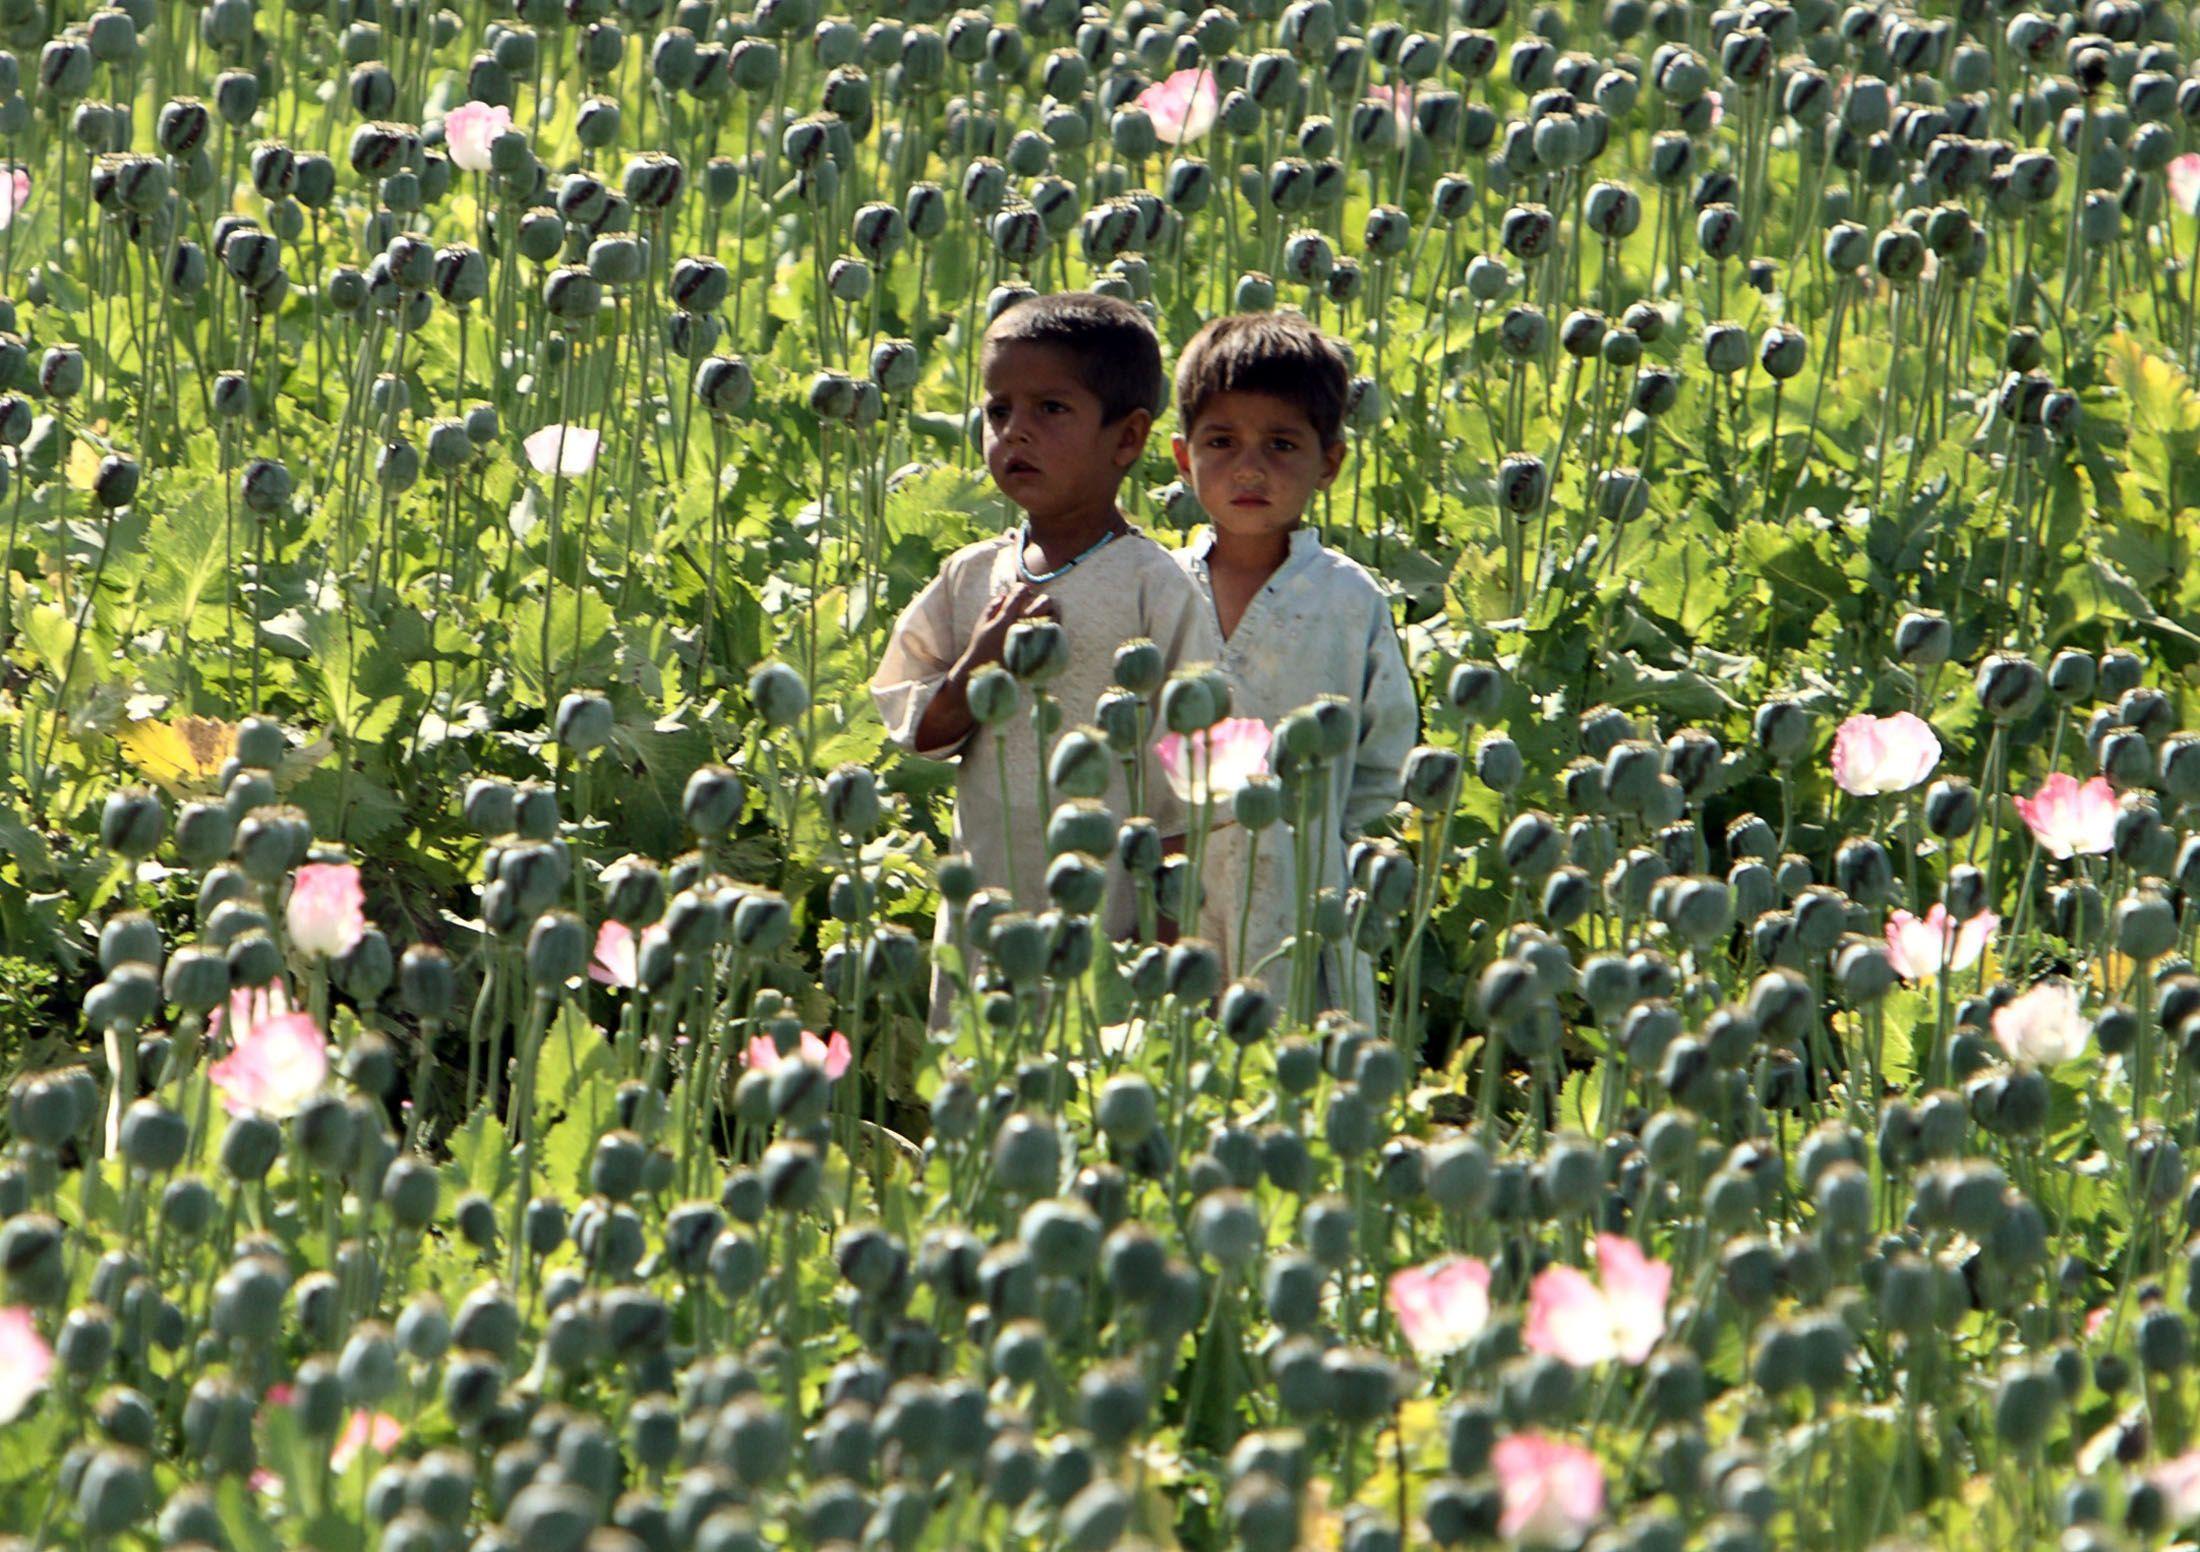 05_08_Afghan_Drug_01